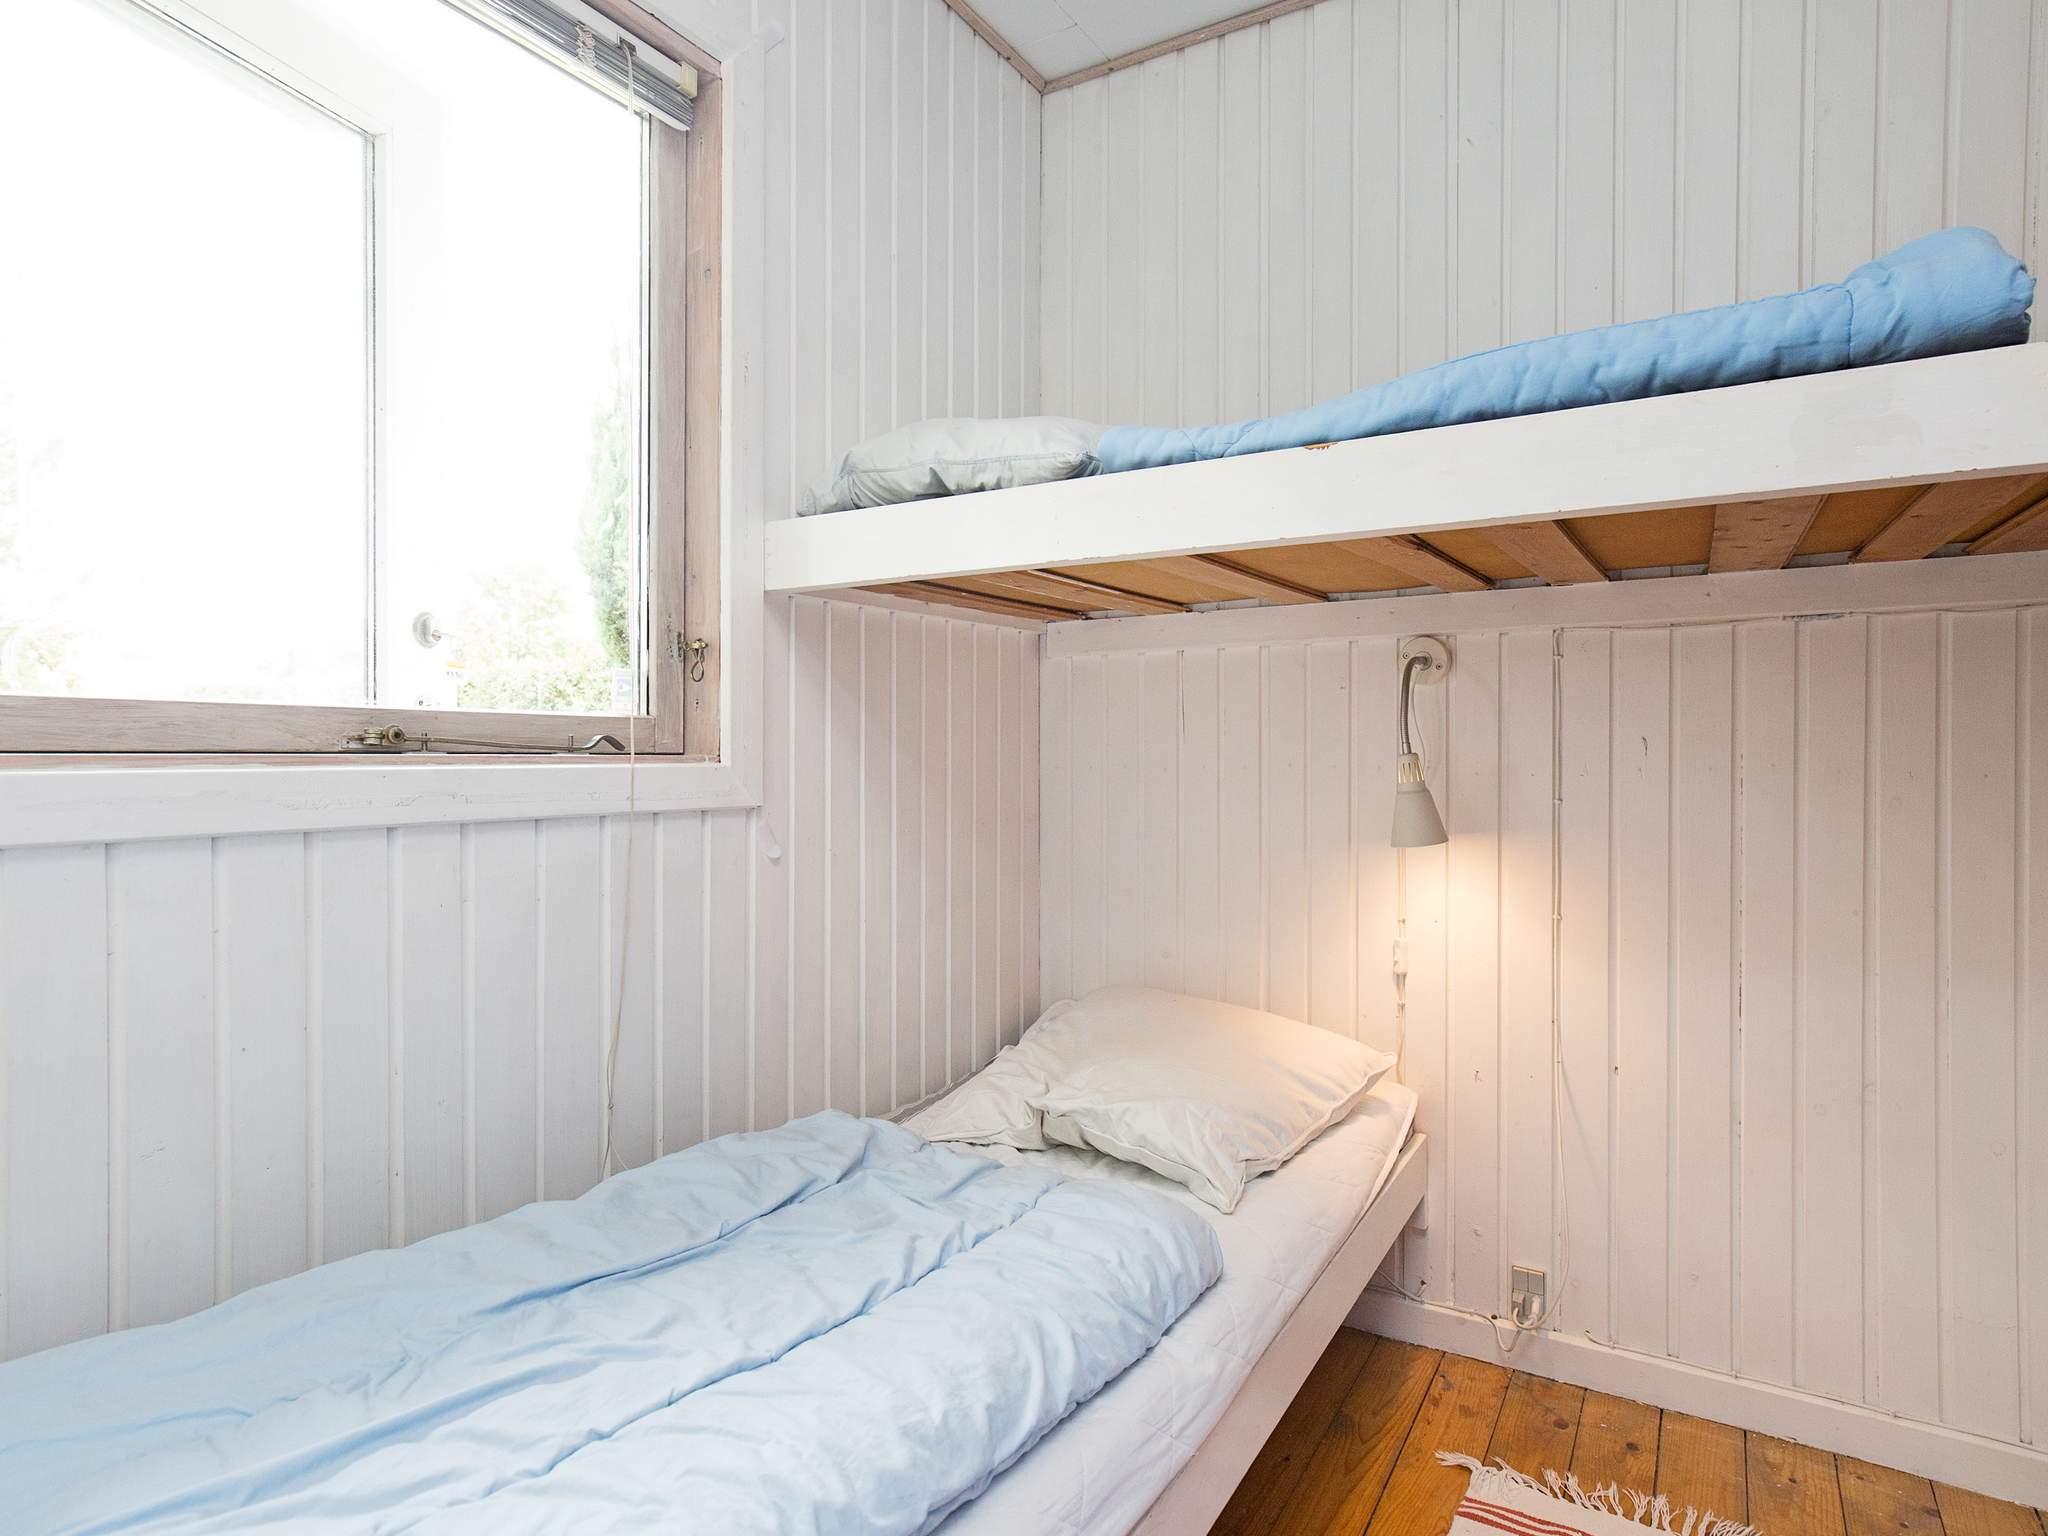 Ferienhaus Enø (85461), Karrebæksminde, , Südseeland, Dänemark, Bild 7